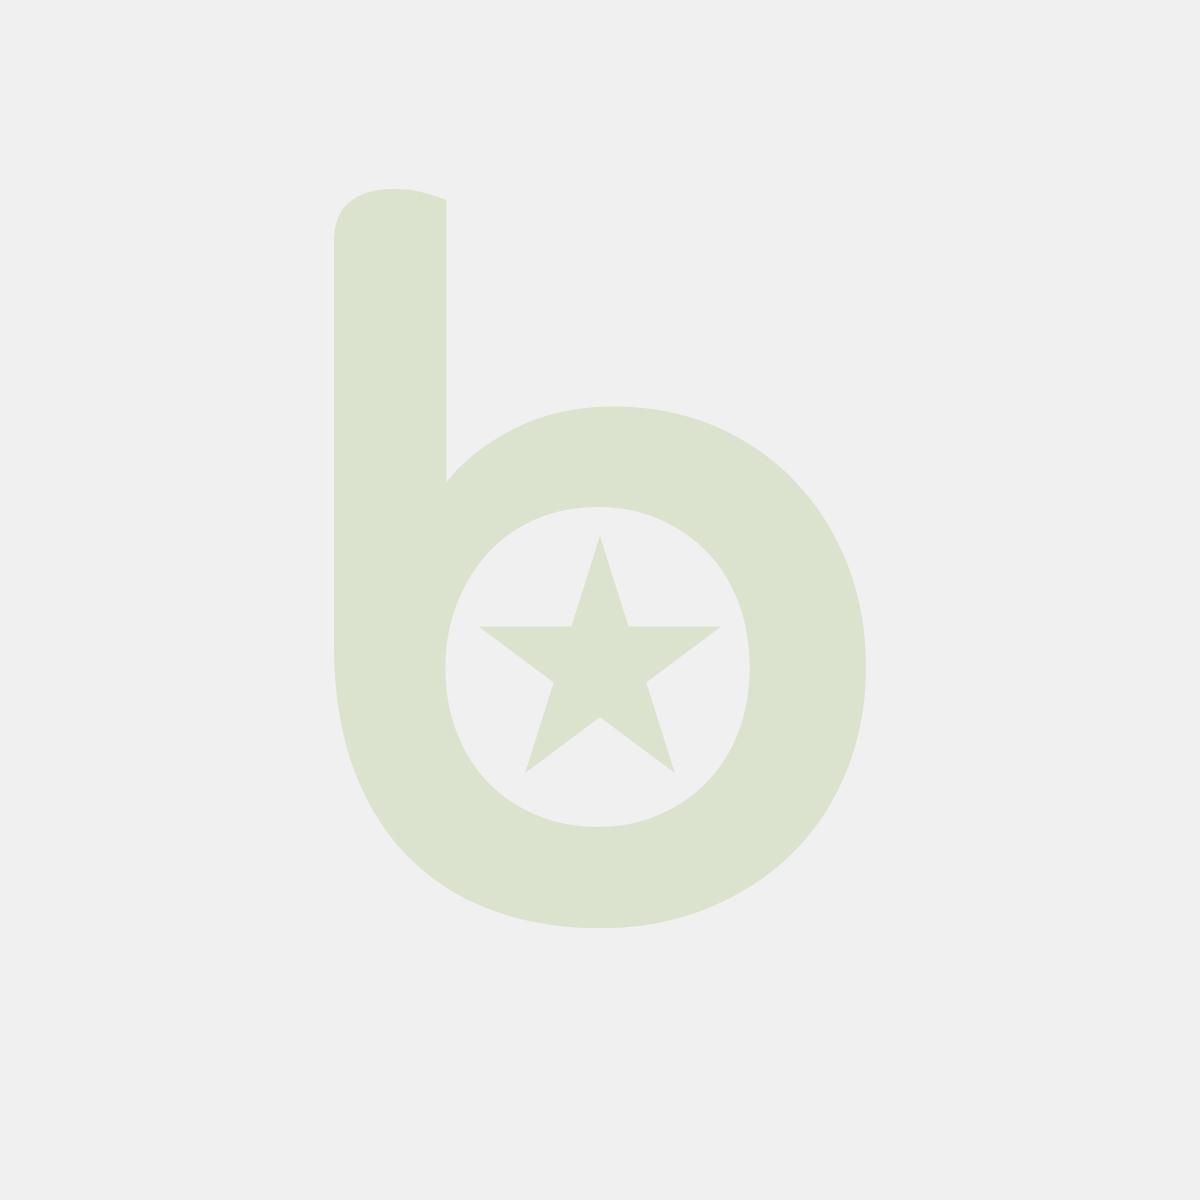 Serwetki 33x33 2W 1/4 BaVillo białe op. 250 szt